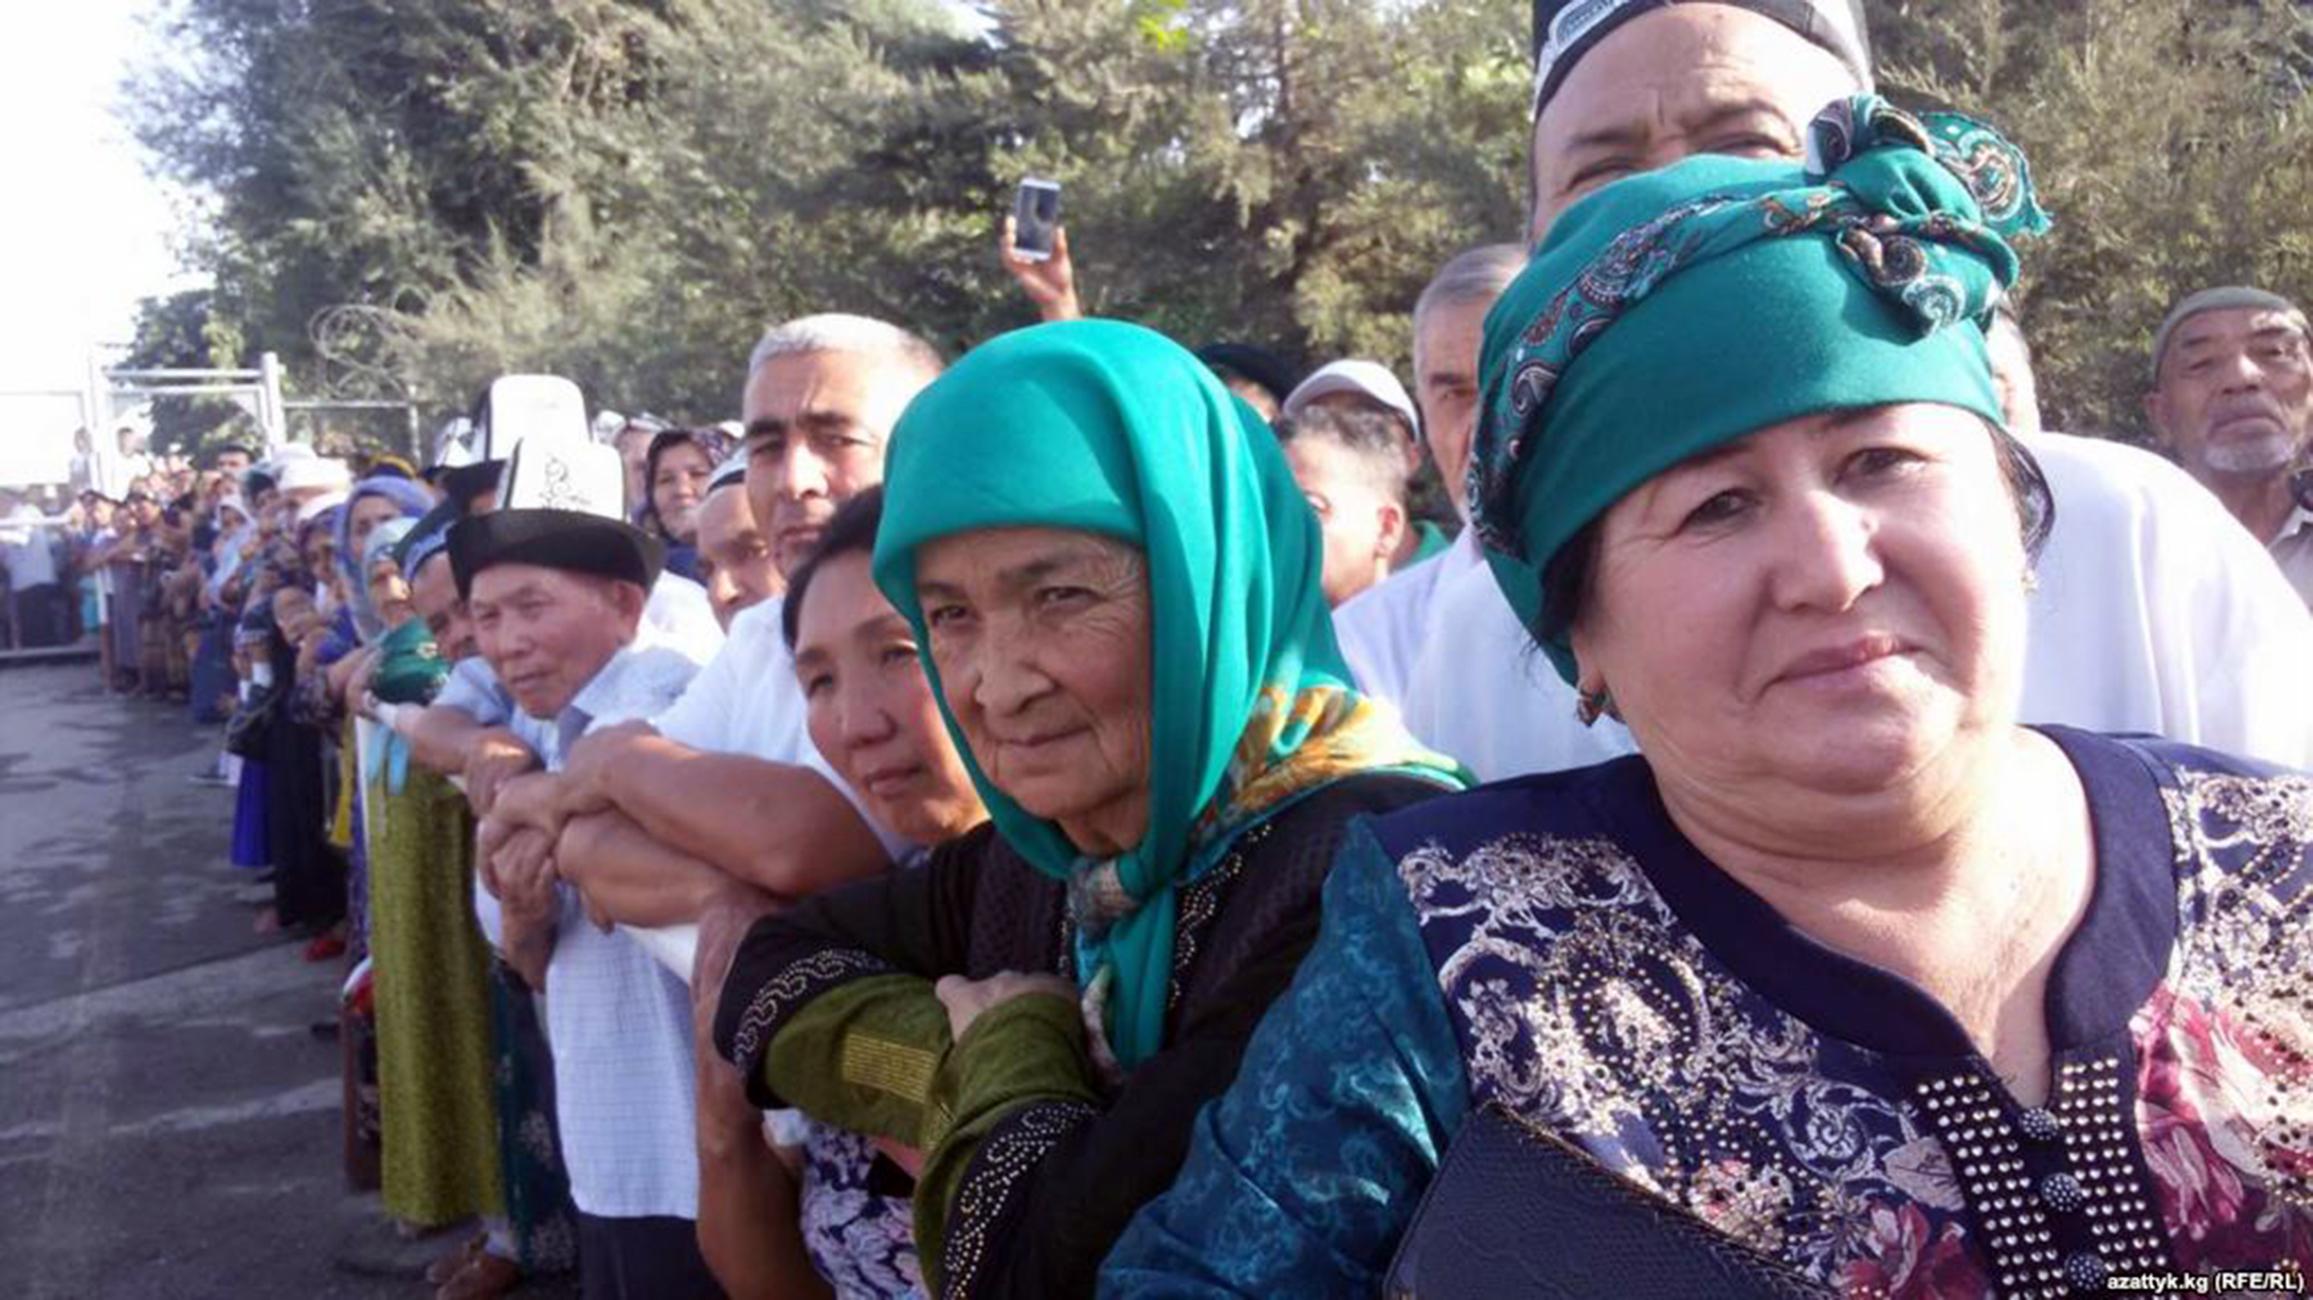 Кыргызские граждане 6 сентября с нетерпением ждут возобновления работы пограничного перехода Достук/Дустлик с Узбекистаном, который был закрыт в течение долгого времени. [Azattyk.kg / РСЕ/РС]